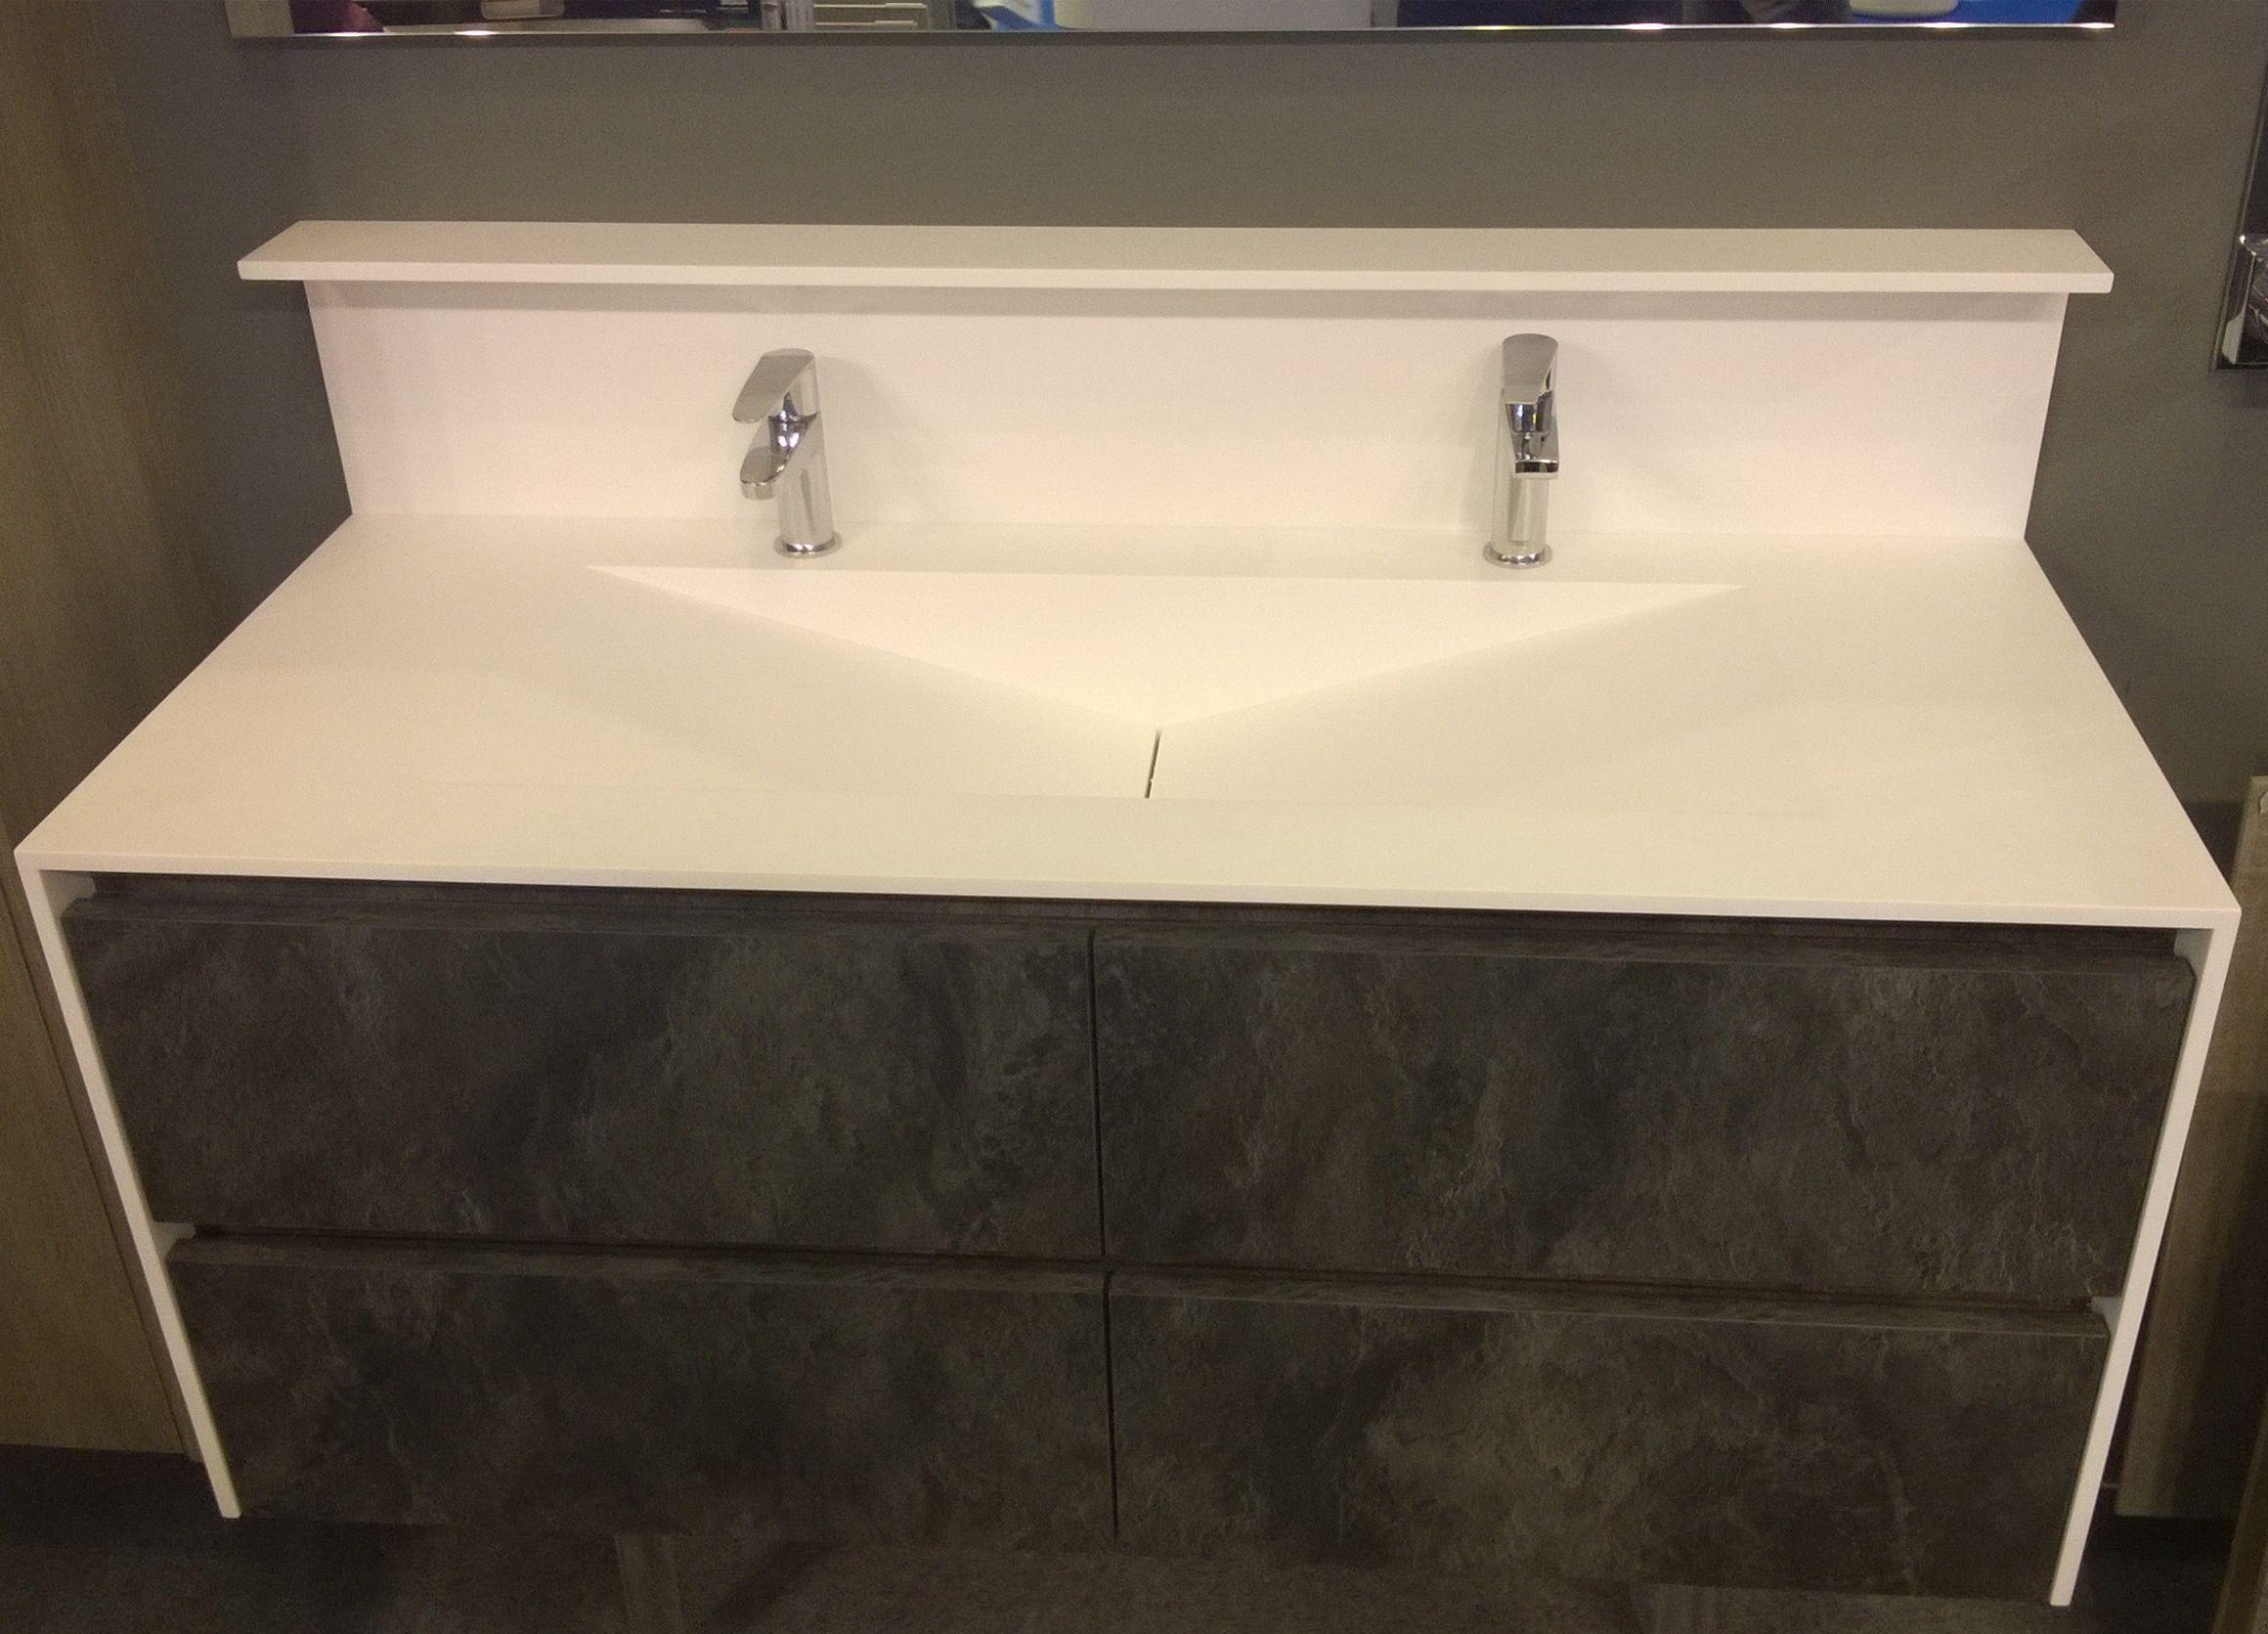 Meuble Design Avec Plan Vasque Varicor Equipements Sanitaire  # Plan Des Meubles